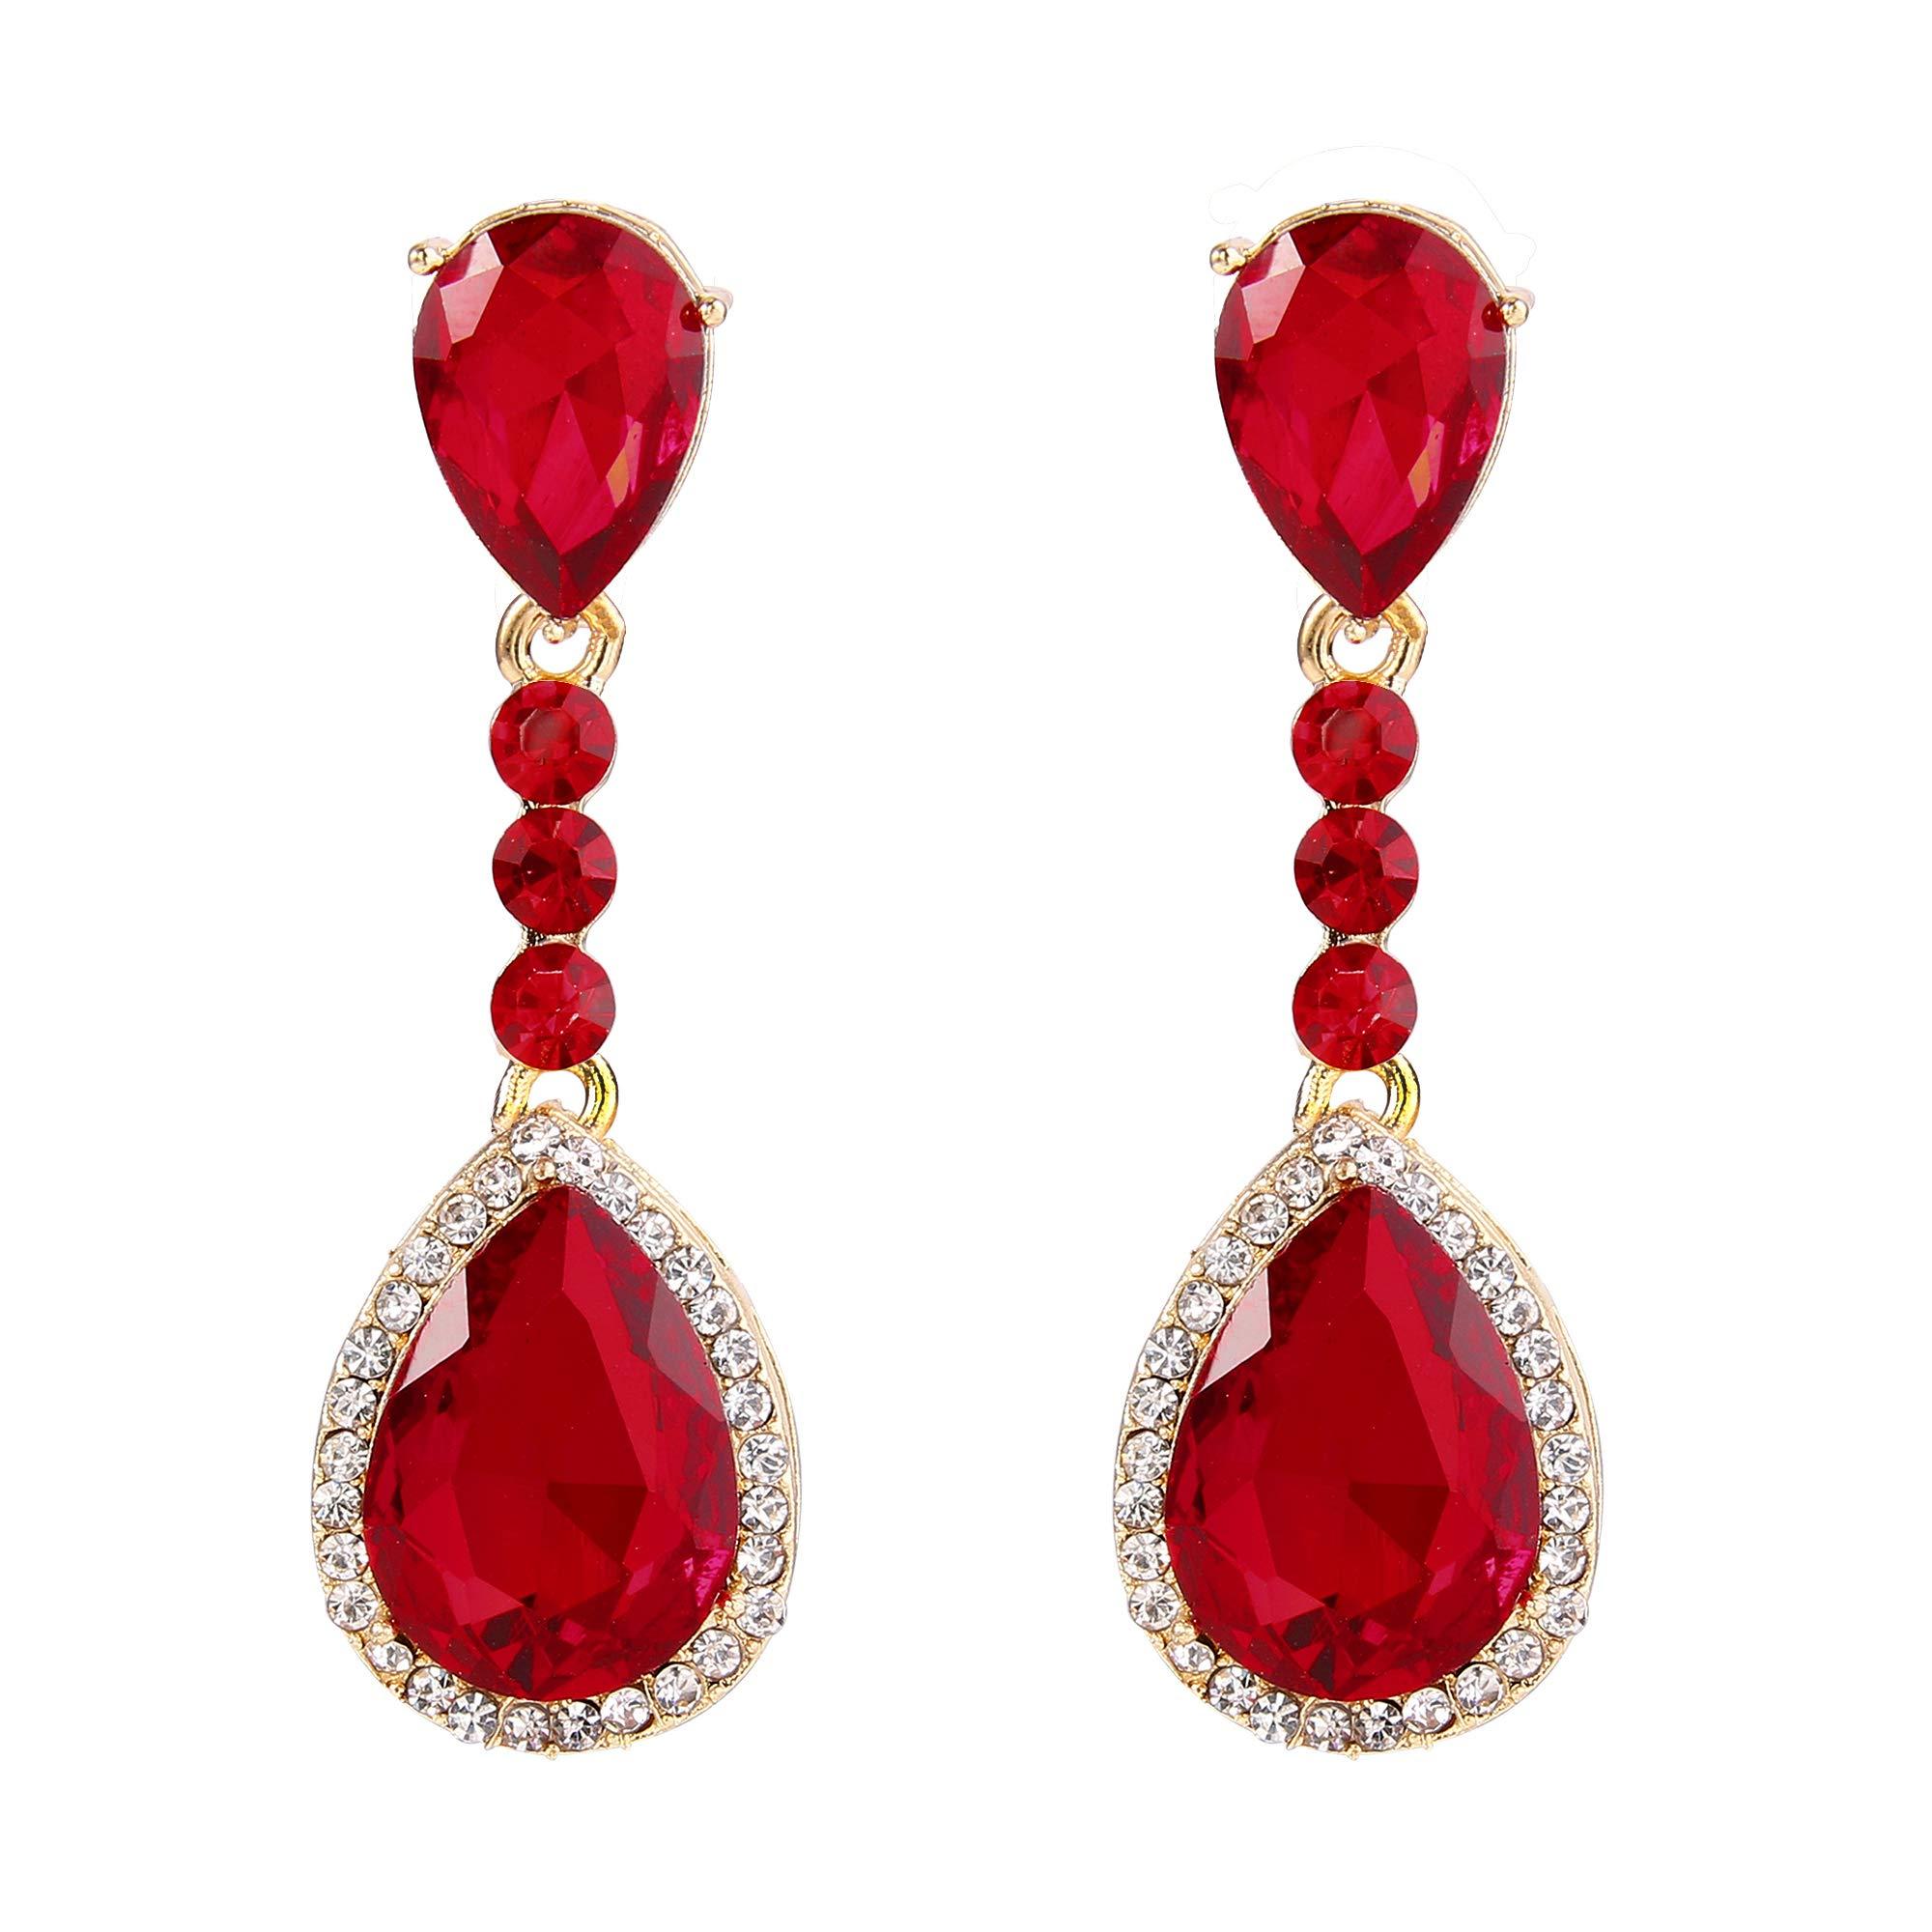 BriLove Gold-Toned Clip-On Dangle Earrings Women's Wedding Bridal Crystal Teardrop Infinity Figure 8 Chandelier Earrings Ruby Color